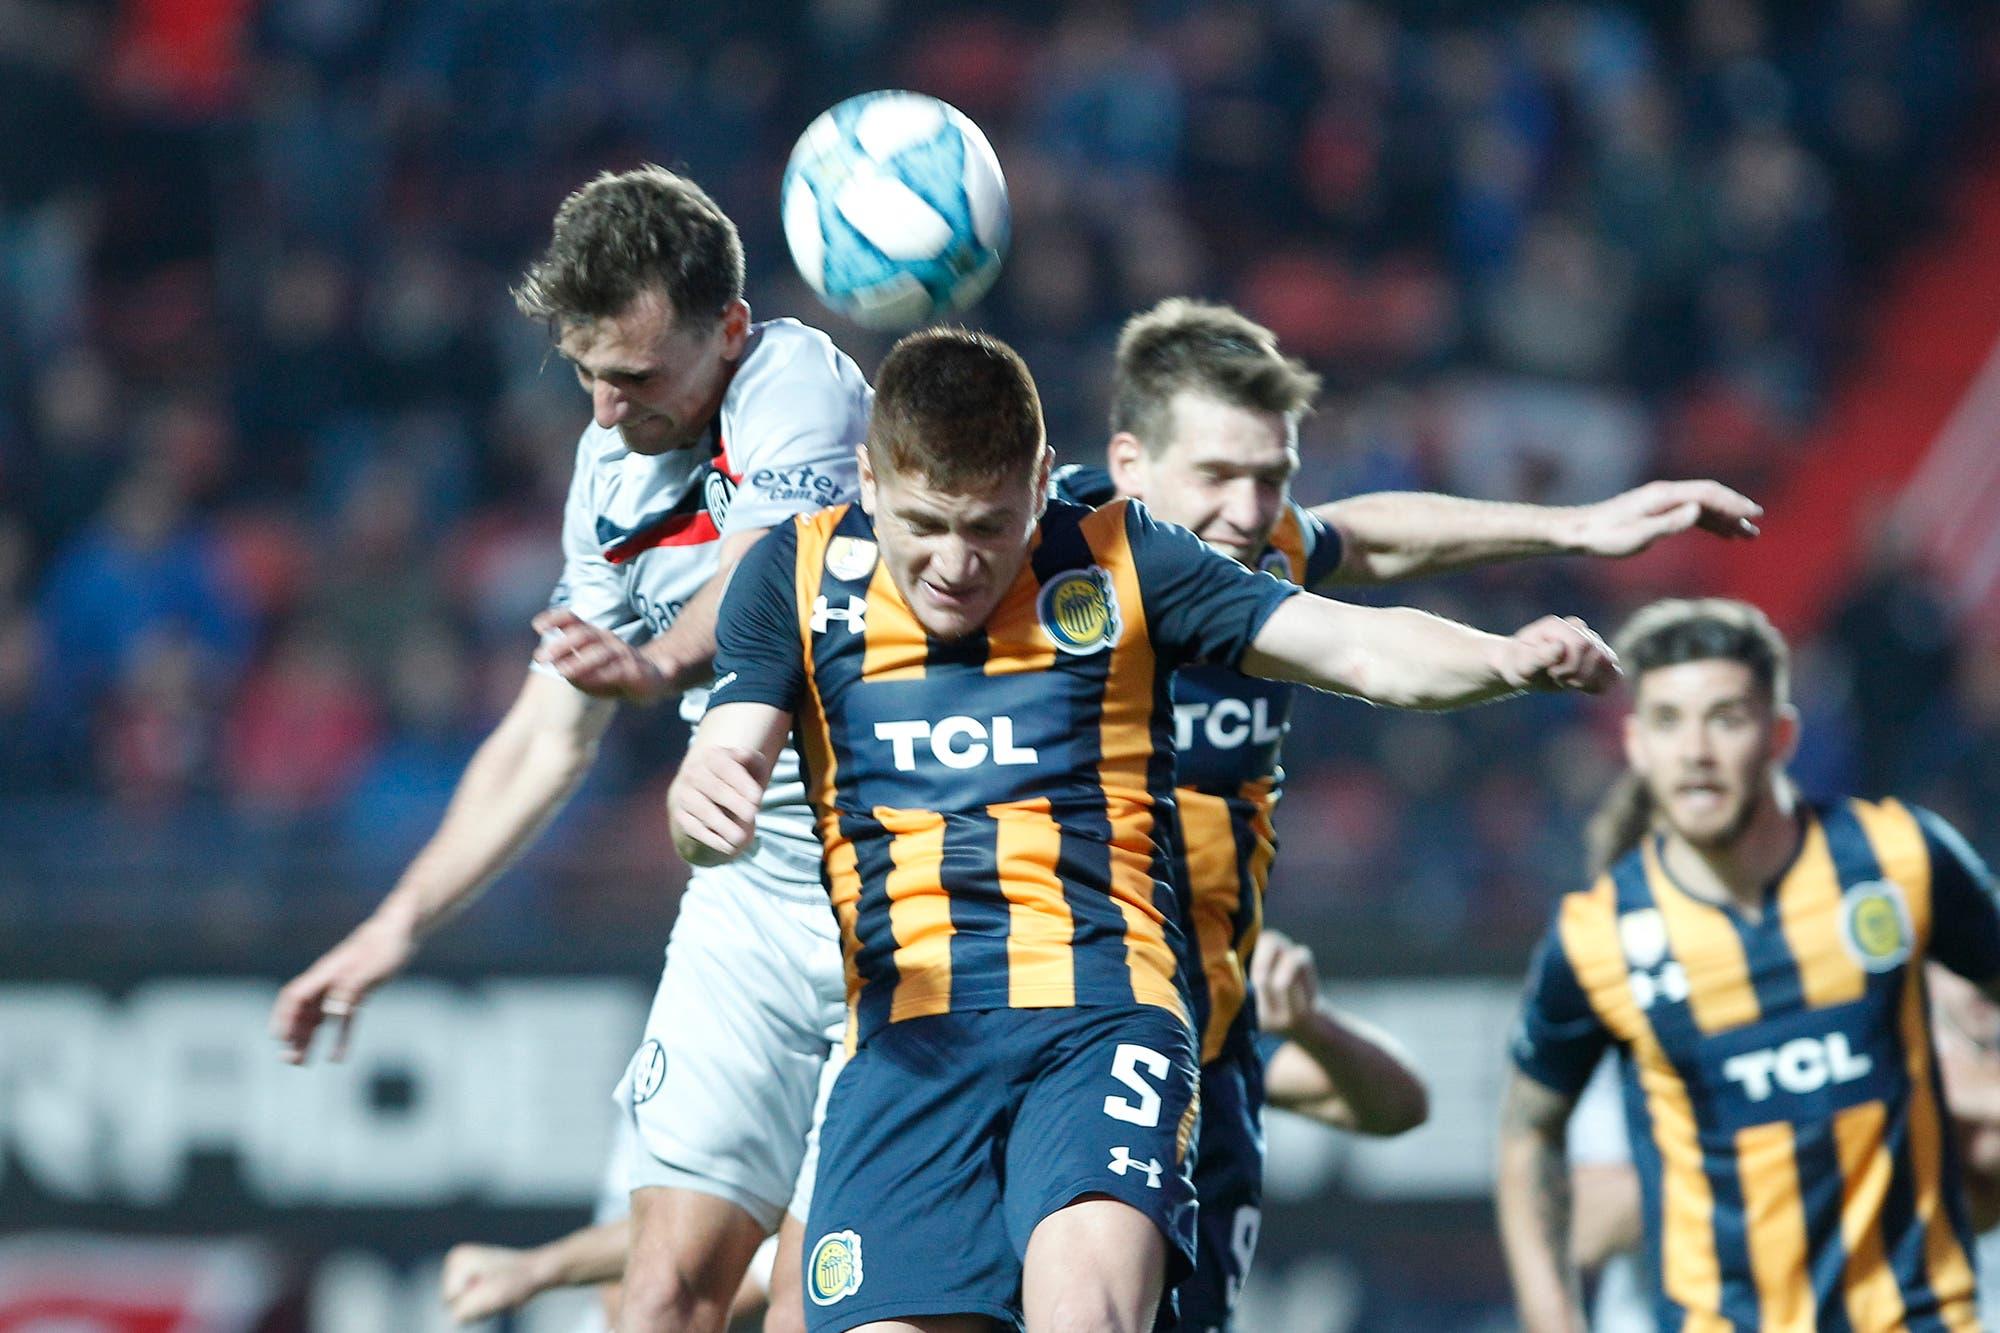 Superliga: San Lorenzo jugó mejor, tuvo un penal y dos tiros en los palos, pero empató 2 a 2 con Central